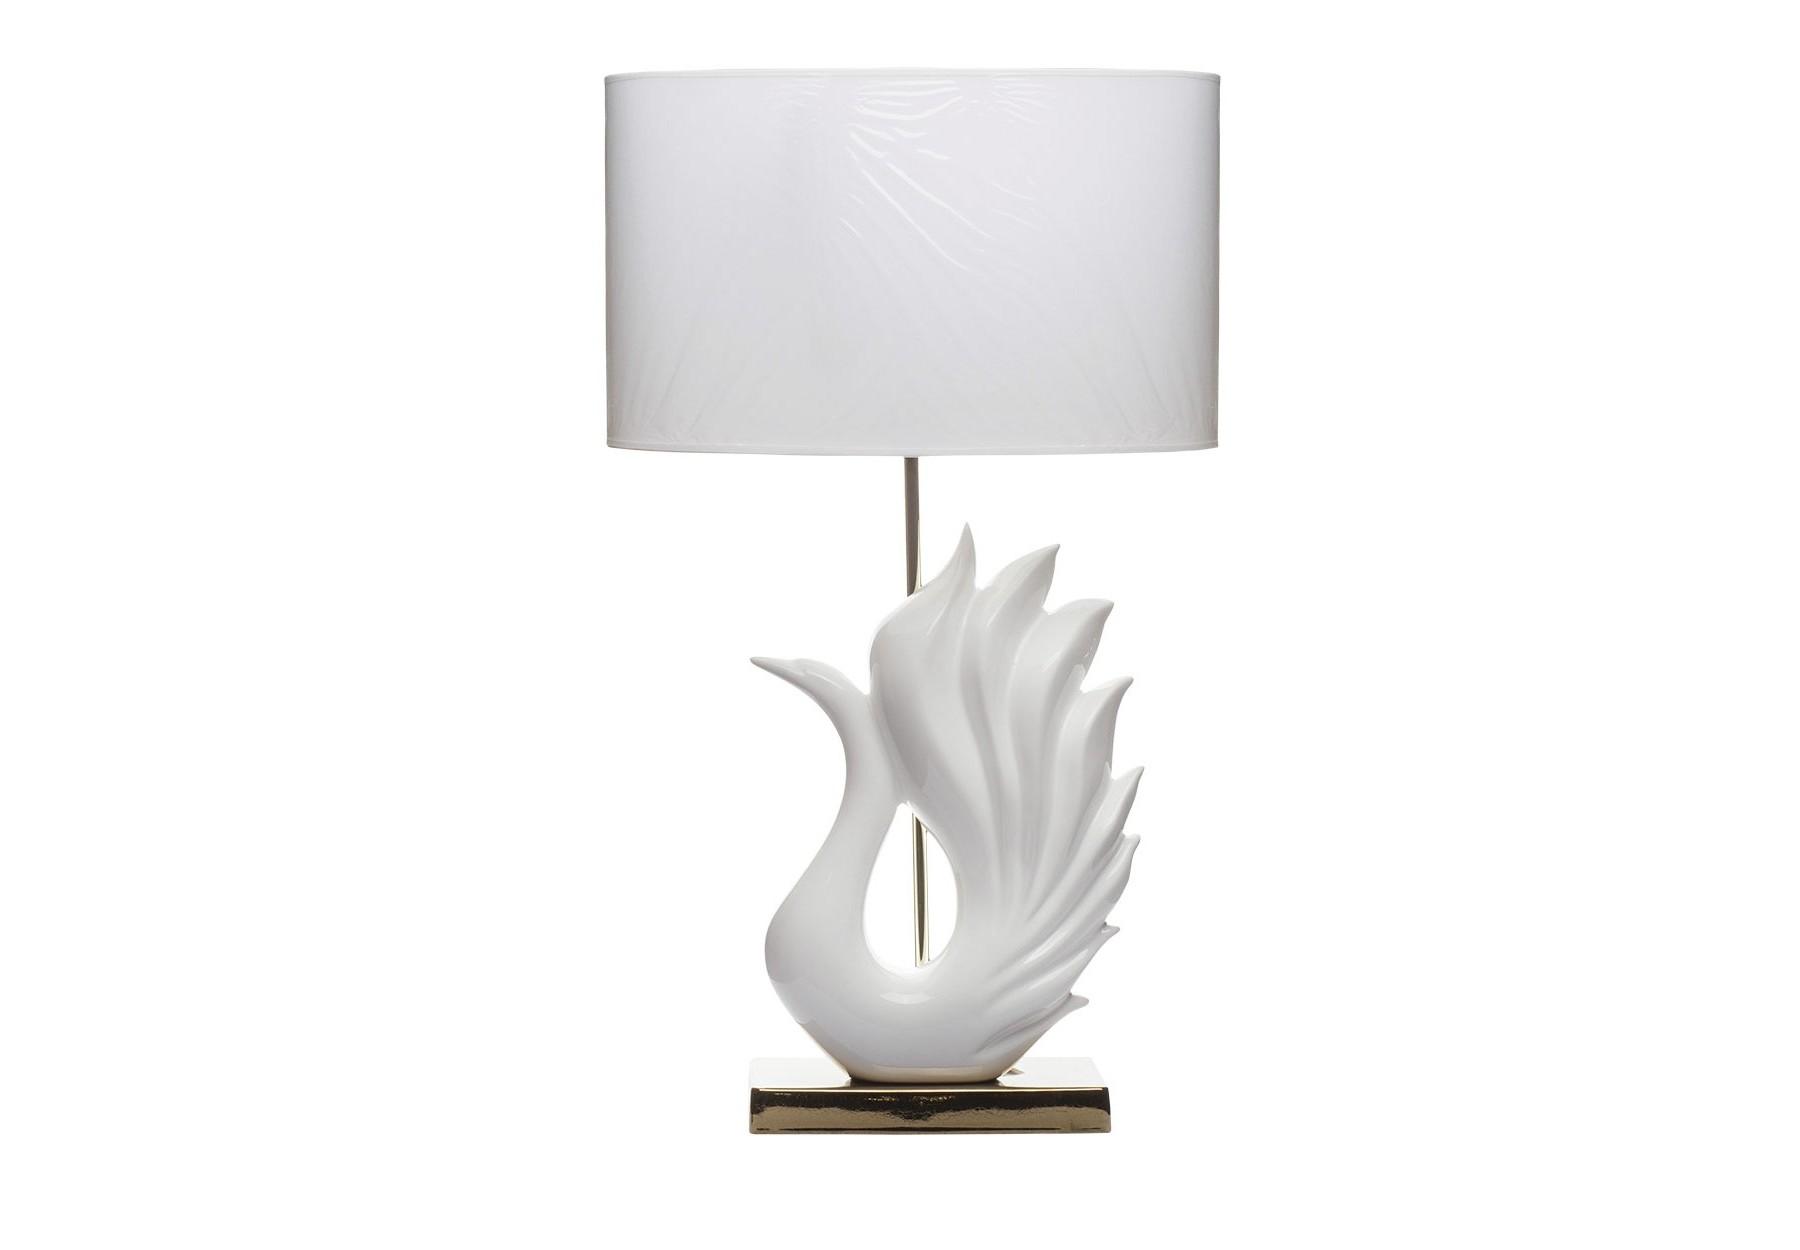 Лампа настольная ЛебедьДекоративные лампы<br><br><br>Material: Пластик<br>Width см: 45<br>Depth см: 30<br>Height см: 76